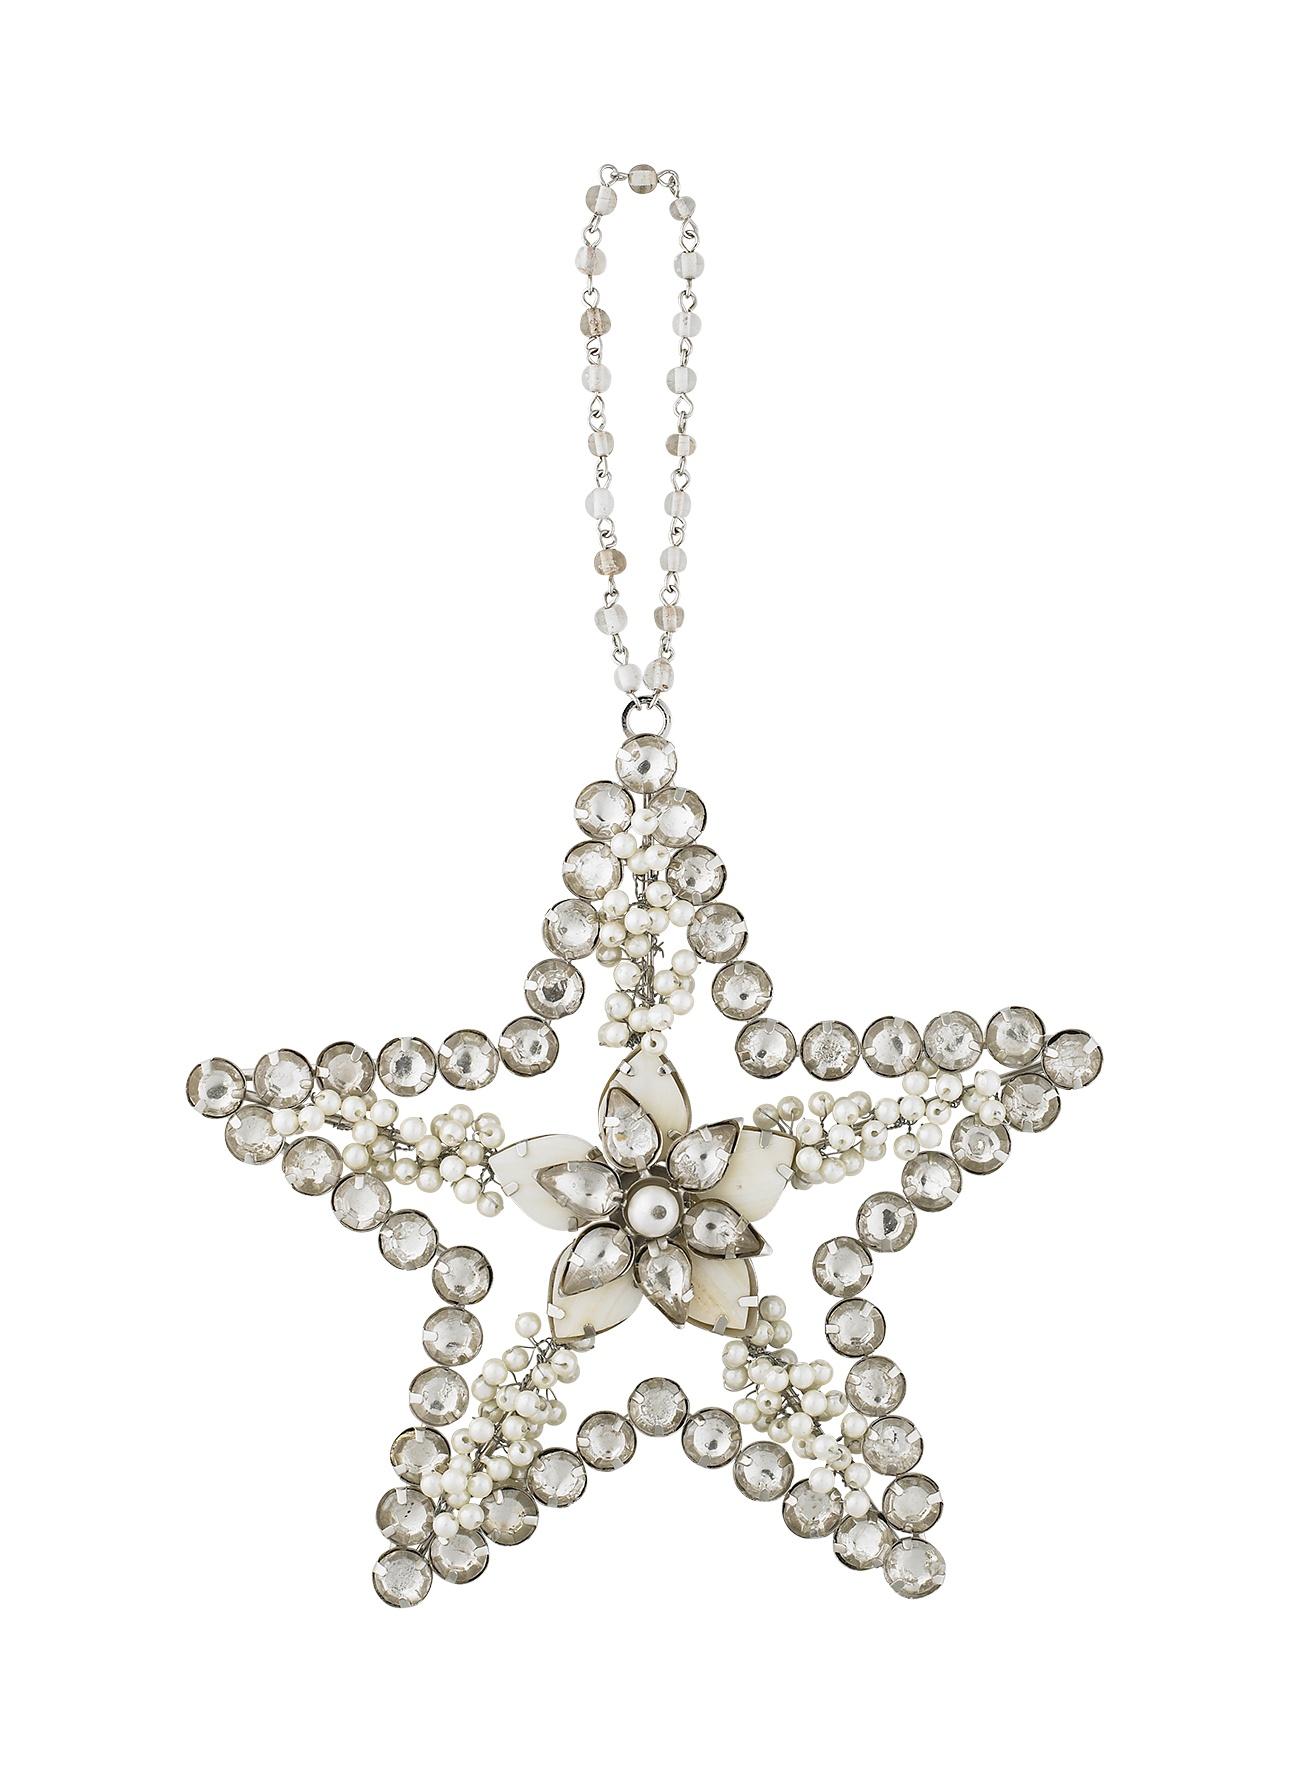 Подвесное украшение Molly Marais Star ornament, Цвет: серебряный, XM520019, Размер: Диаметр 14, длина подвеса 8